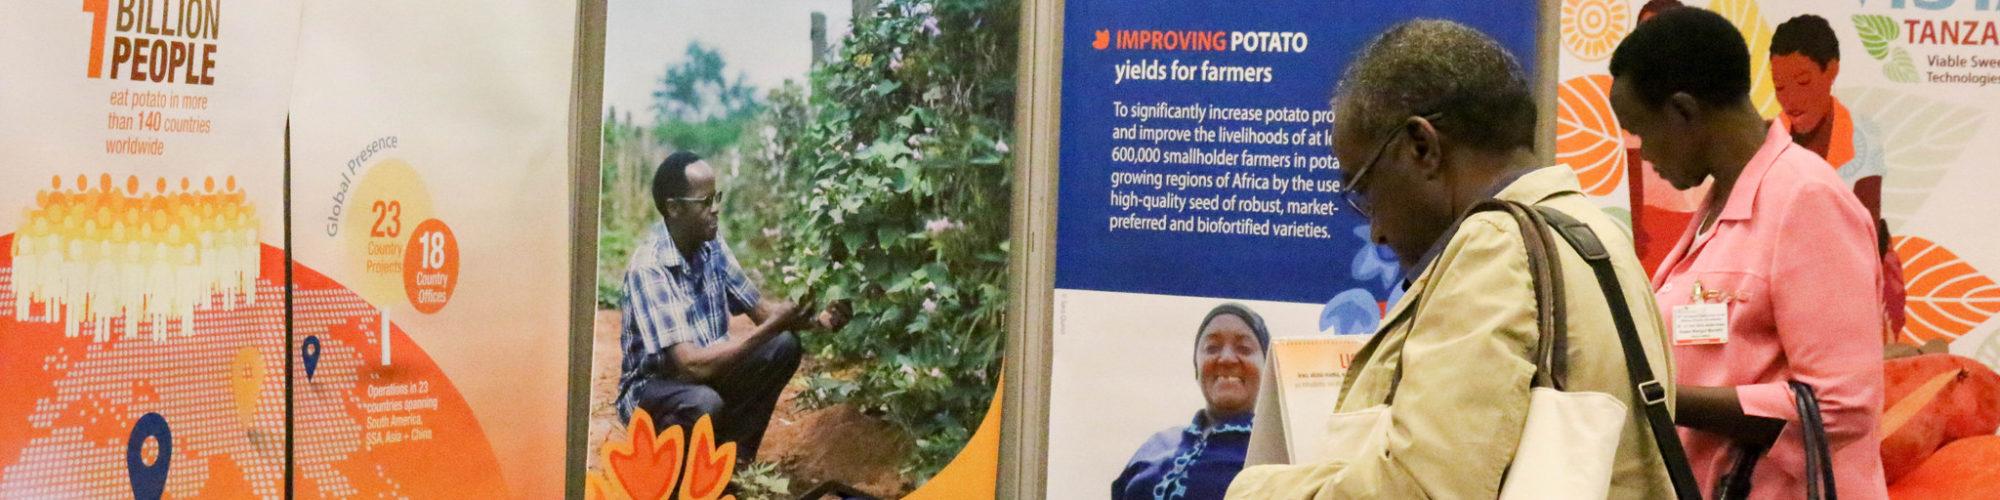 APA 2016 ETHIOPIA | African Potato Association | Kigali 2019